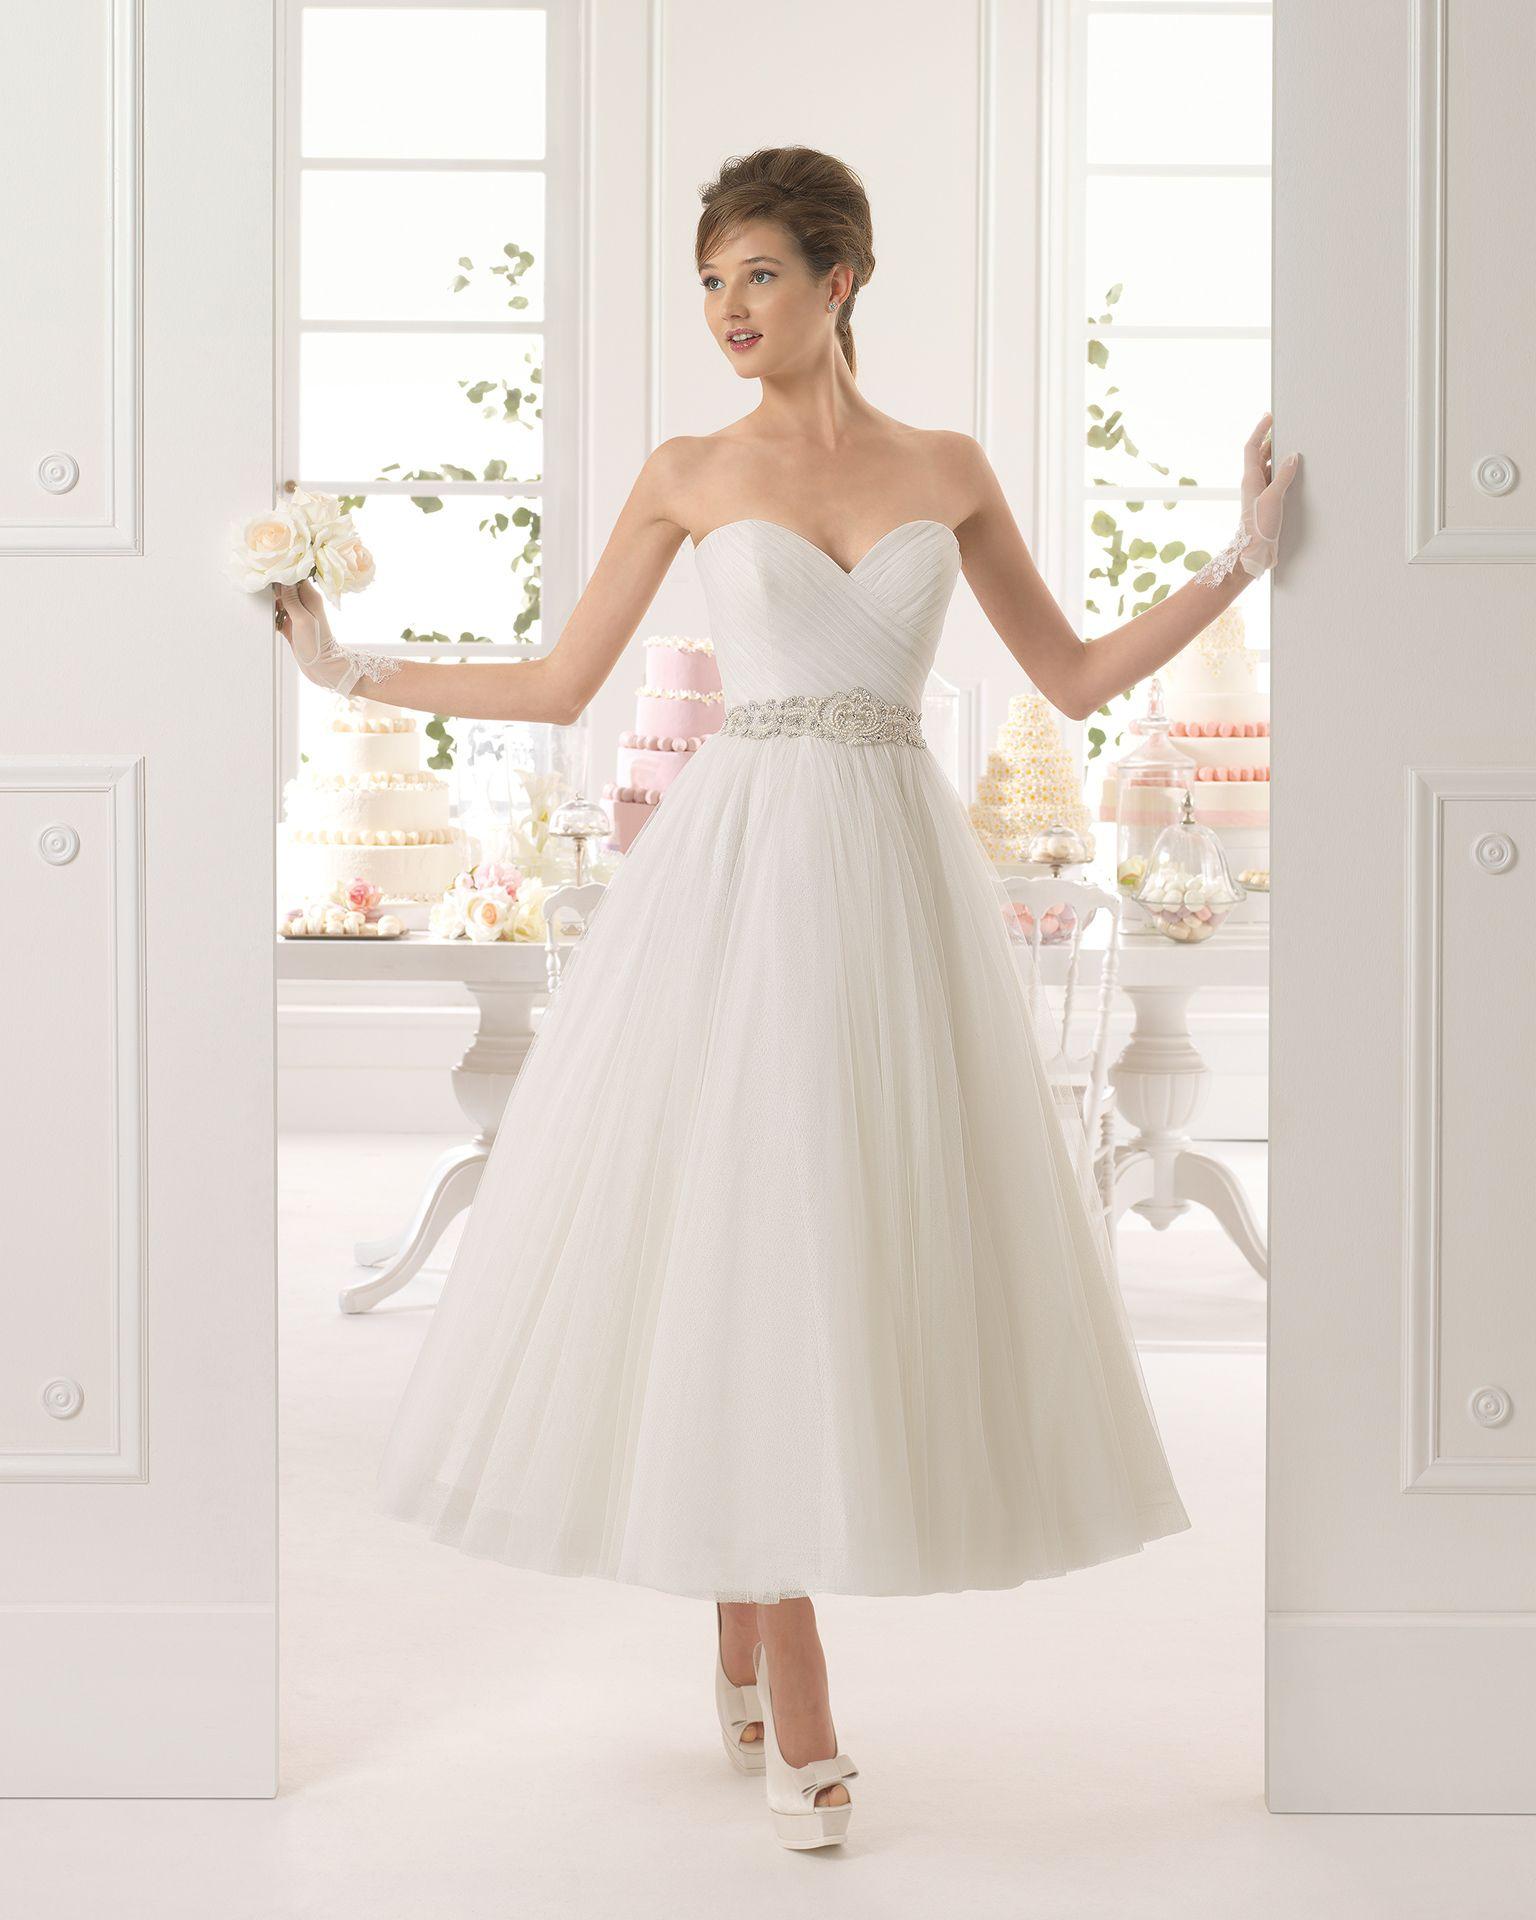 Inicio – Aire Barcelona – Impresionantes vestidos de novia y vestidos de fiesta  – Boda